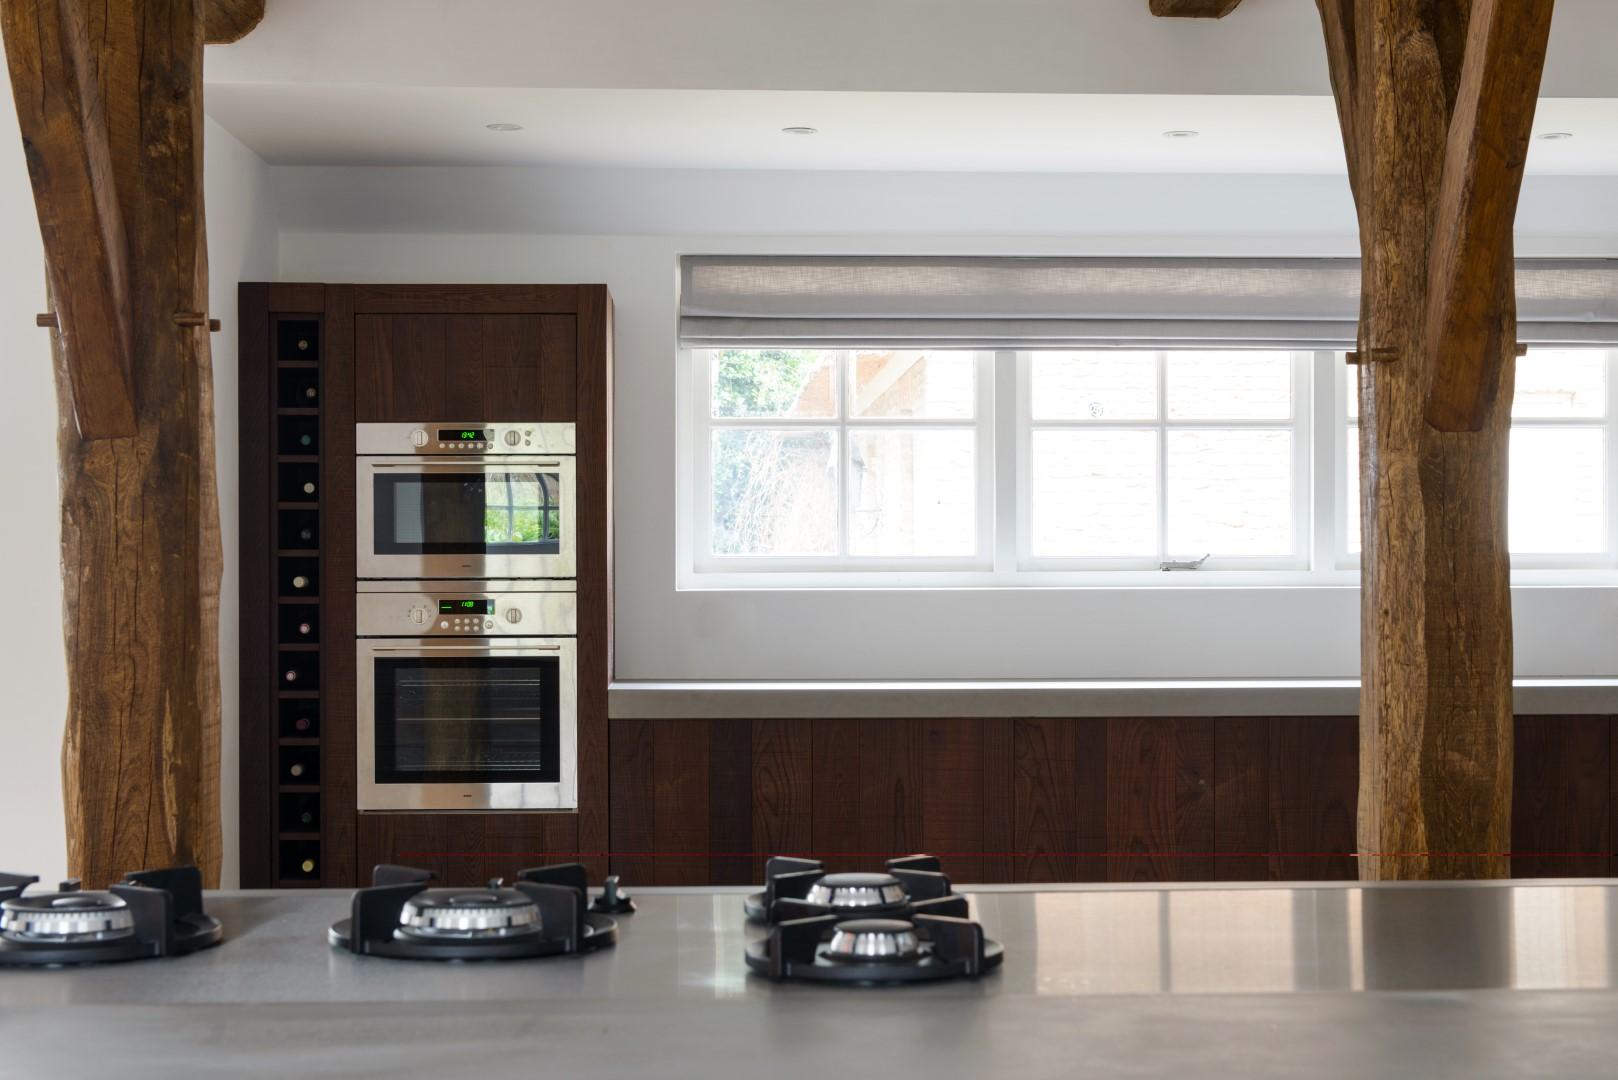 Houten keuken beton pitt cooking van JP Walker